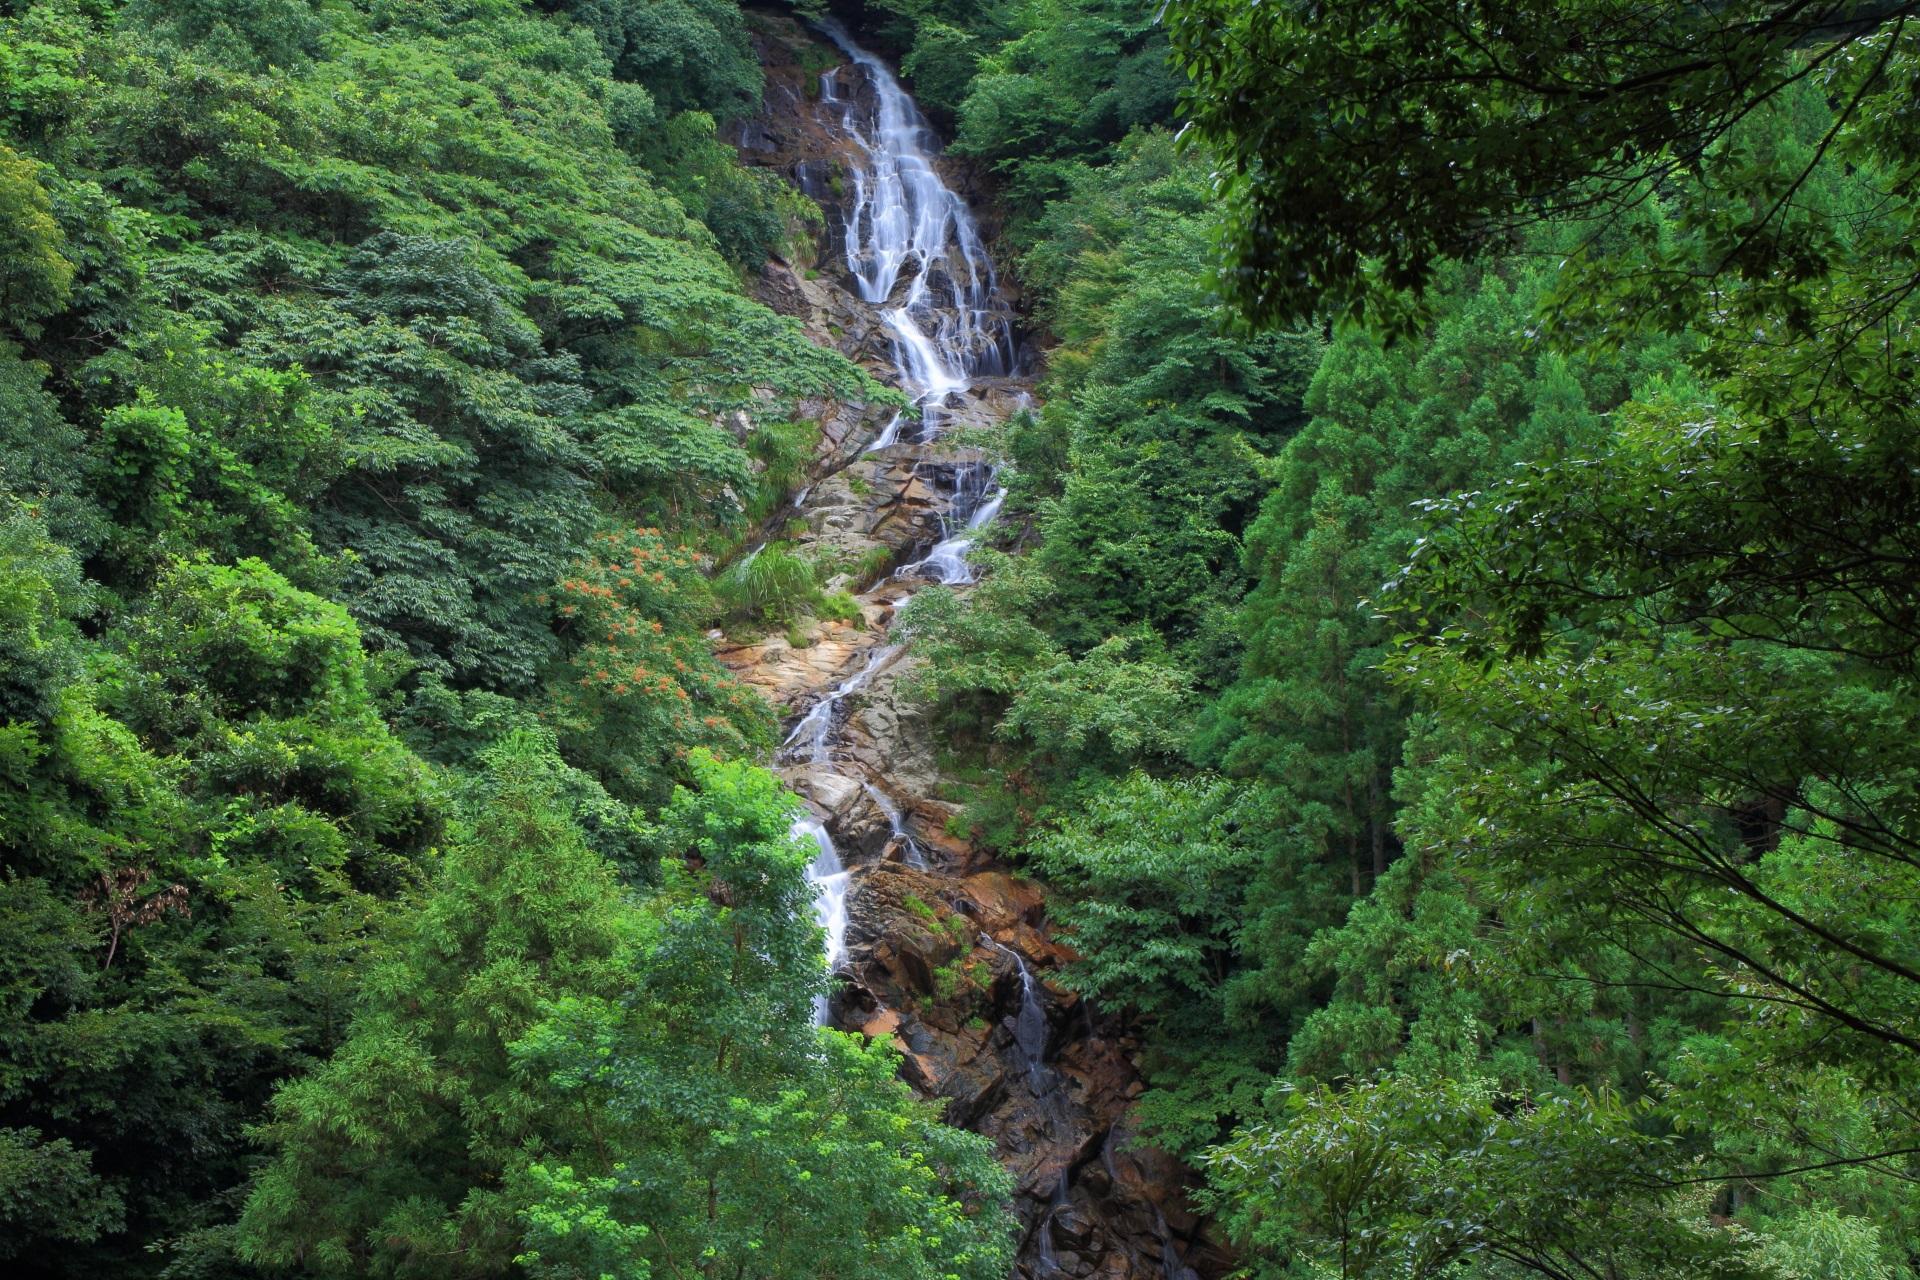 今福の滝の2の滝と3の滝